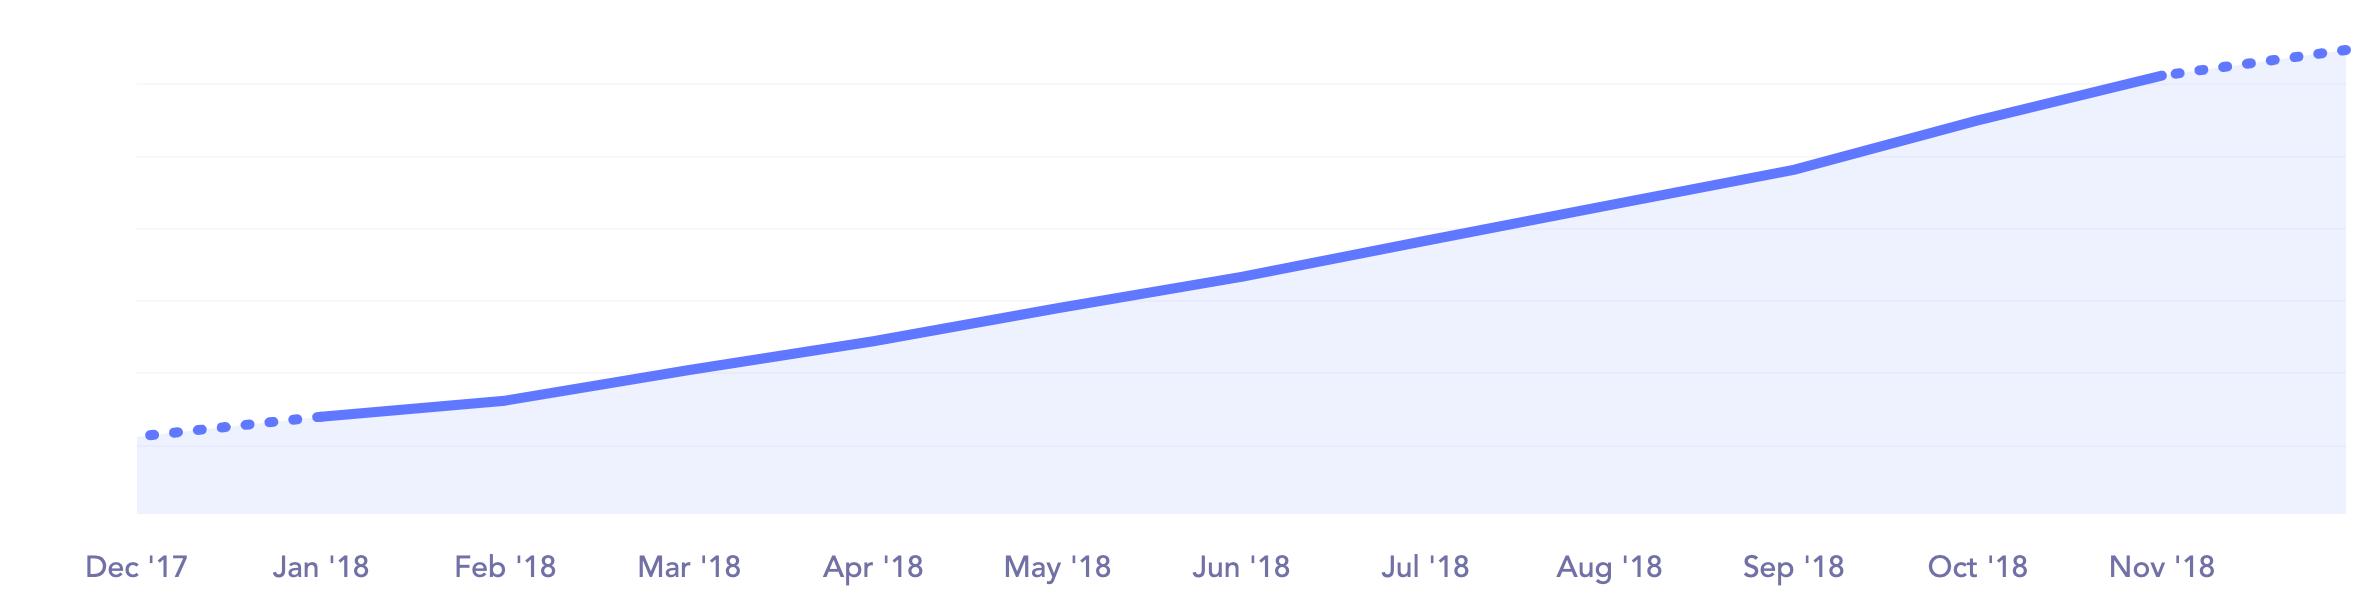 Abonnements actifs de Baremetrics (taux de croissance de la clientèle)